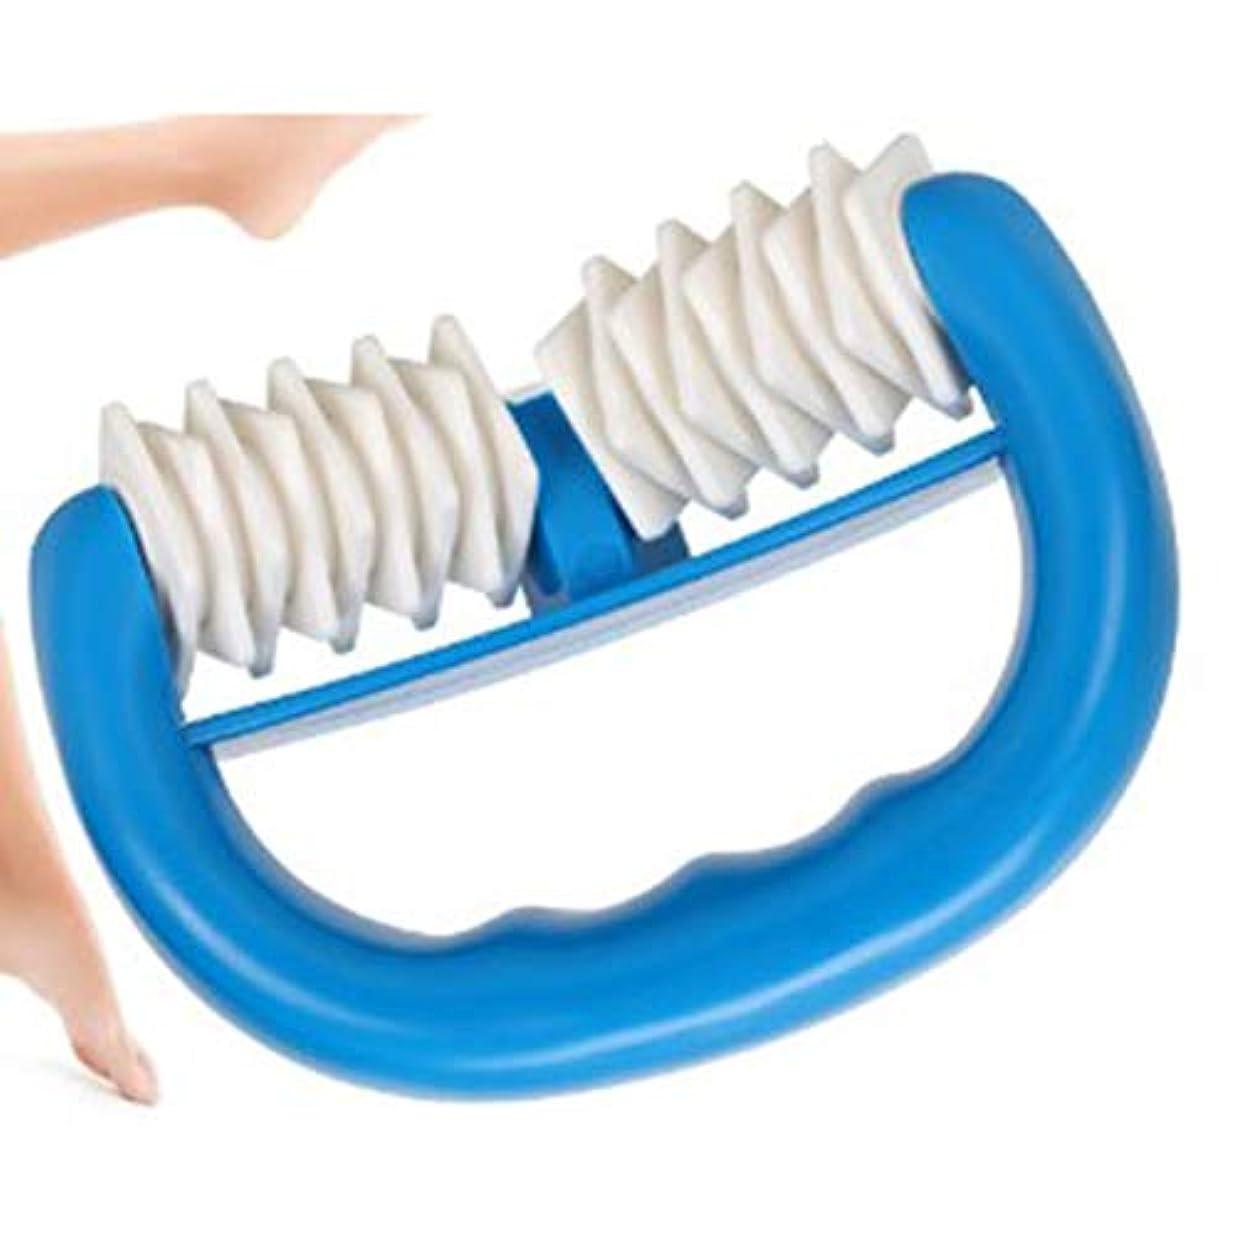 船員放課後酸度Handheld Massage Body Roller for Relief Muscle Point Body Massage Stick Relief Stress Health Care Pressure Point...